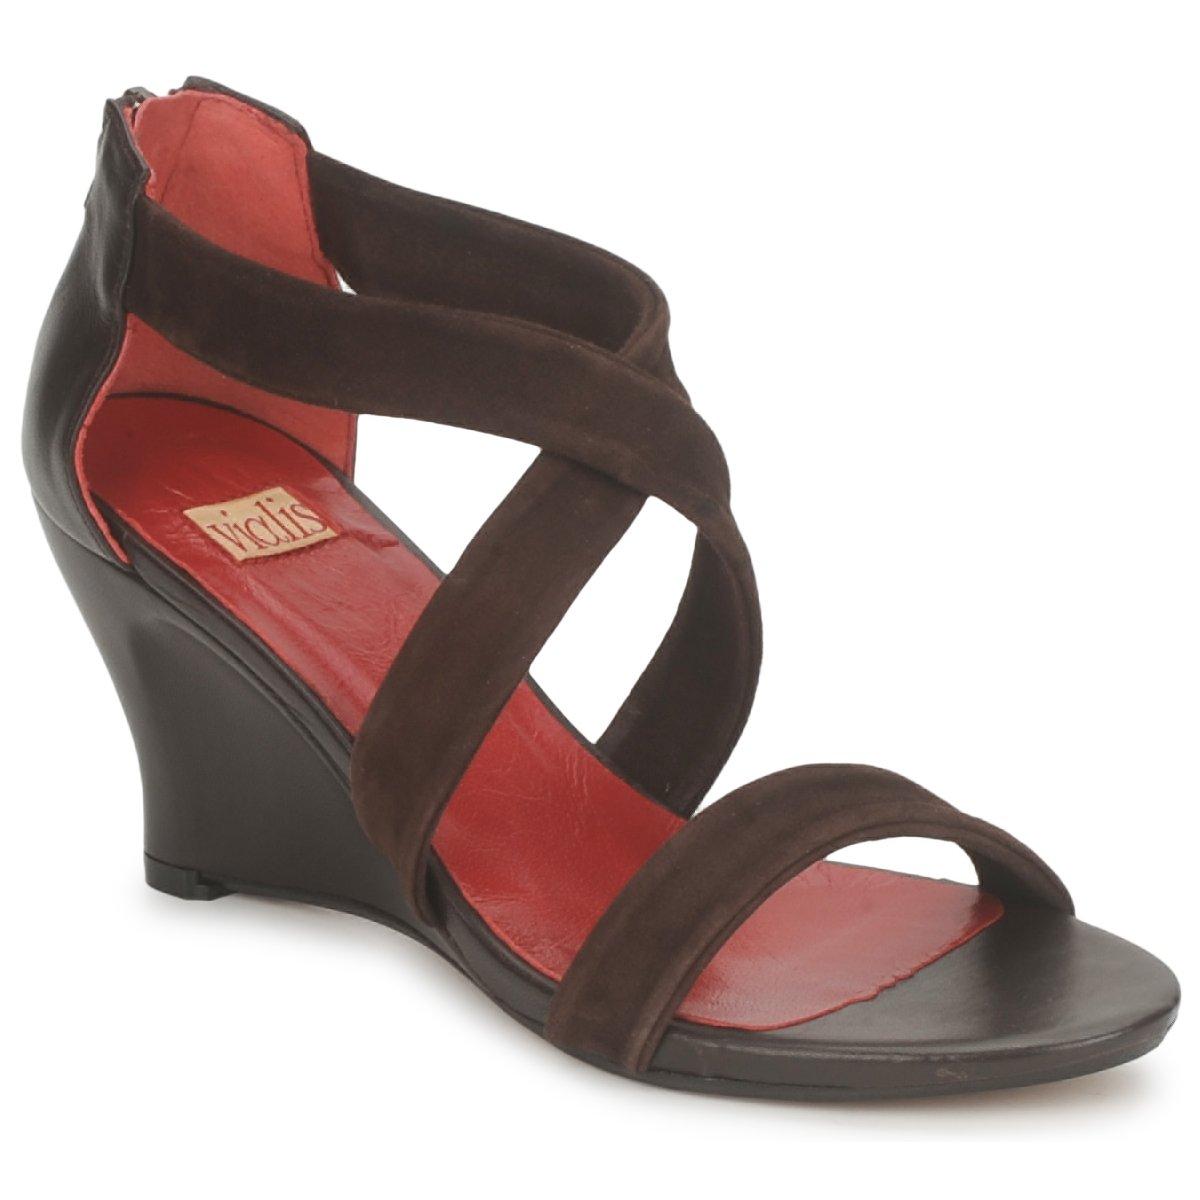 Vialis NIVEL Marron - Livraison Gratuite avec  - Chaussures Sandale Femme